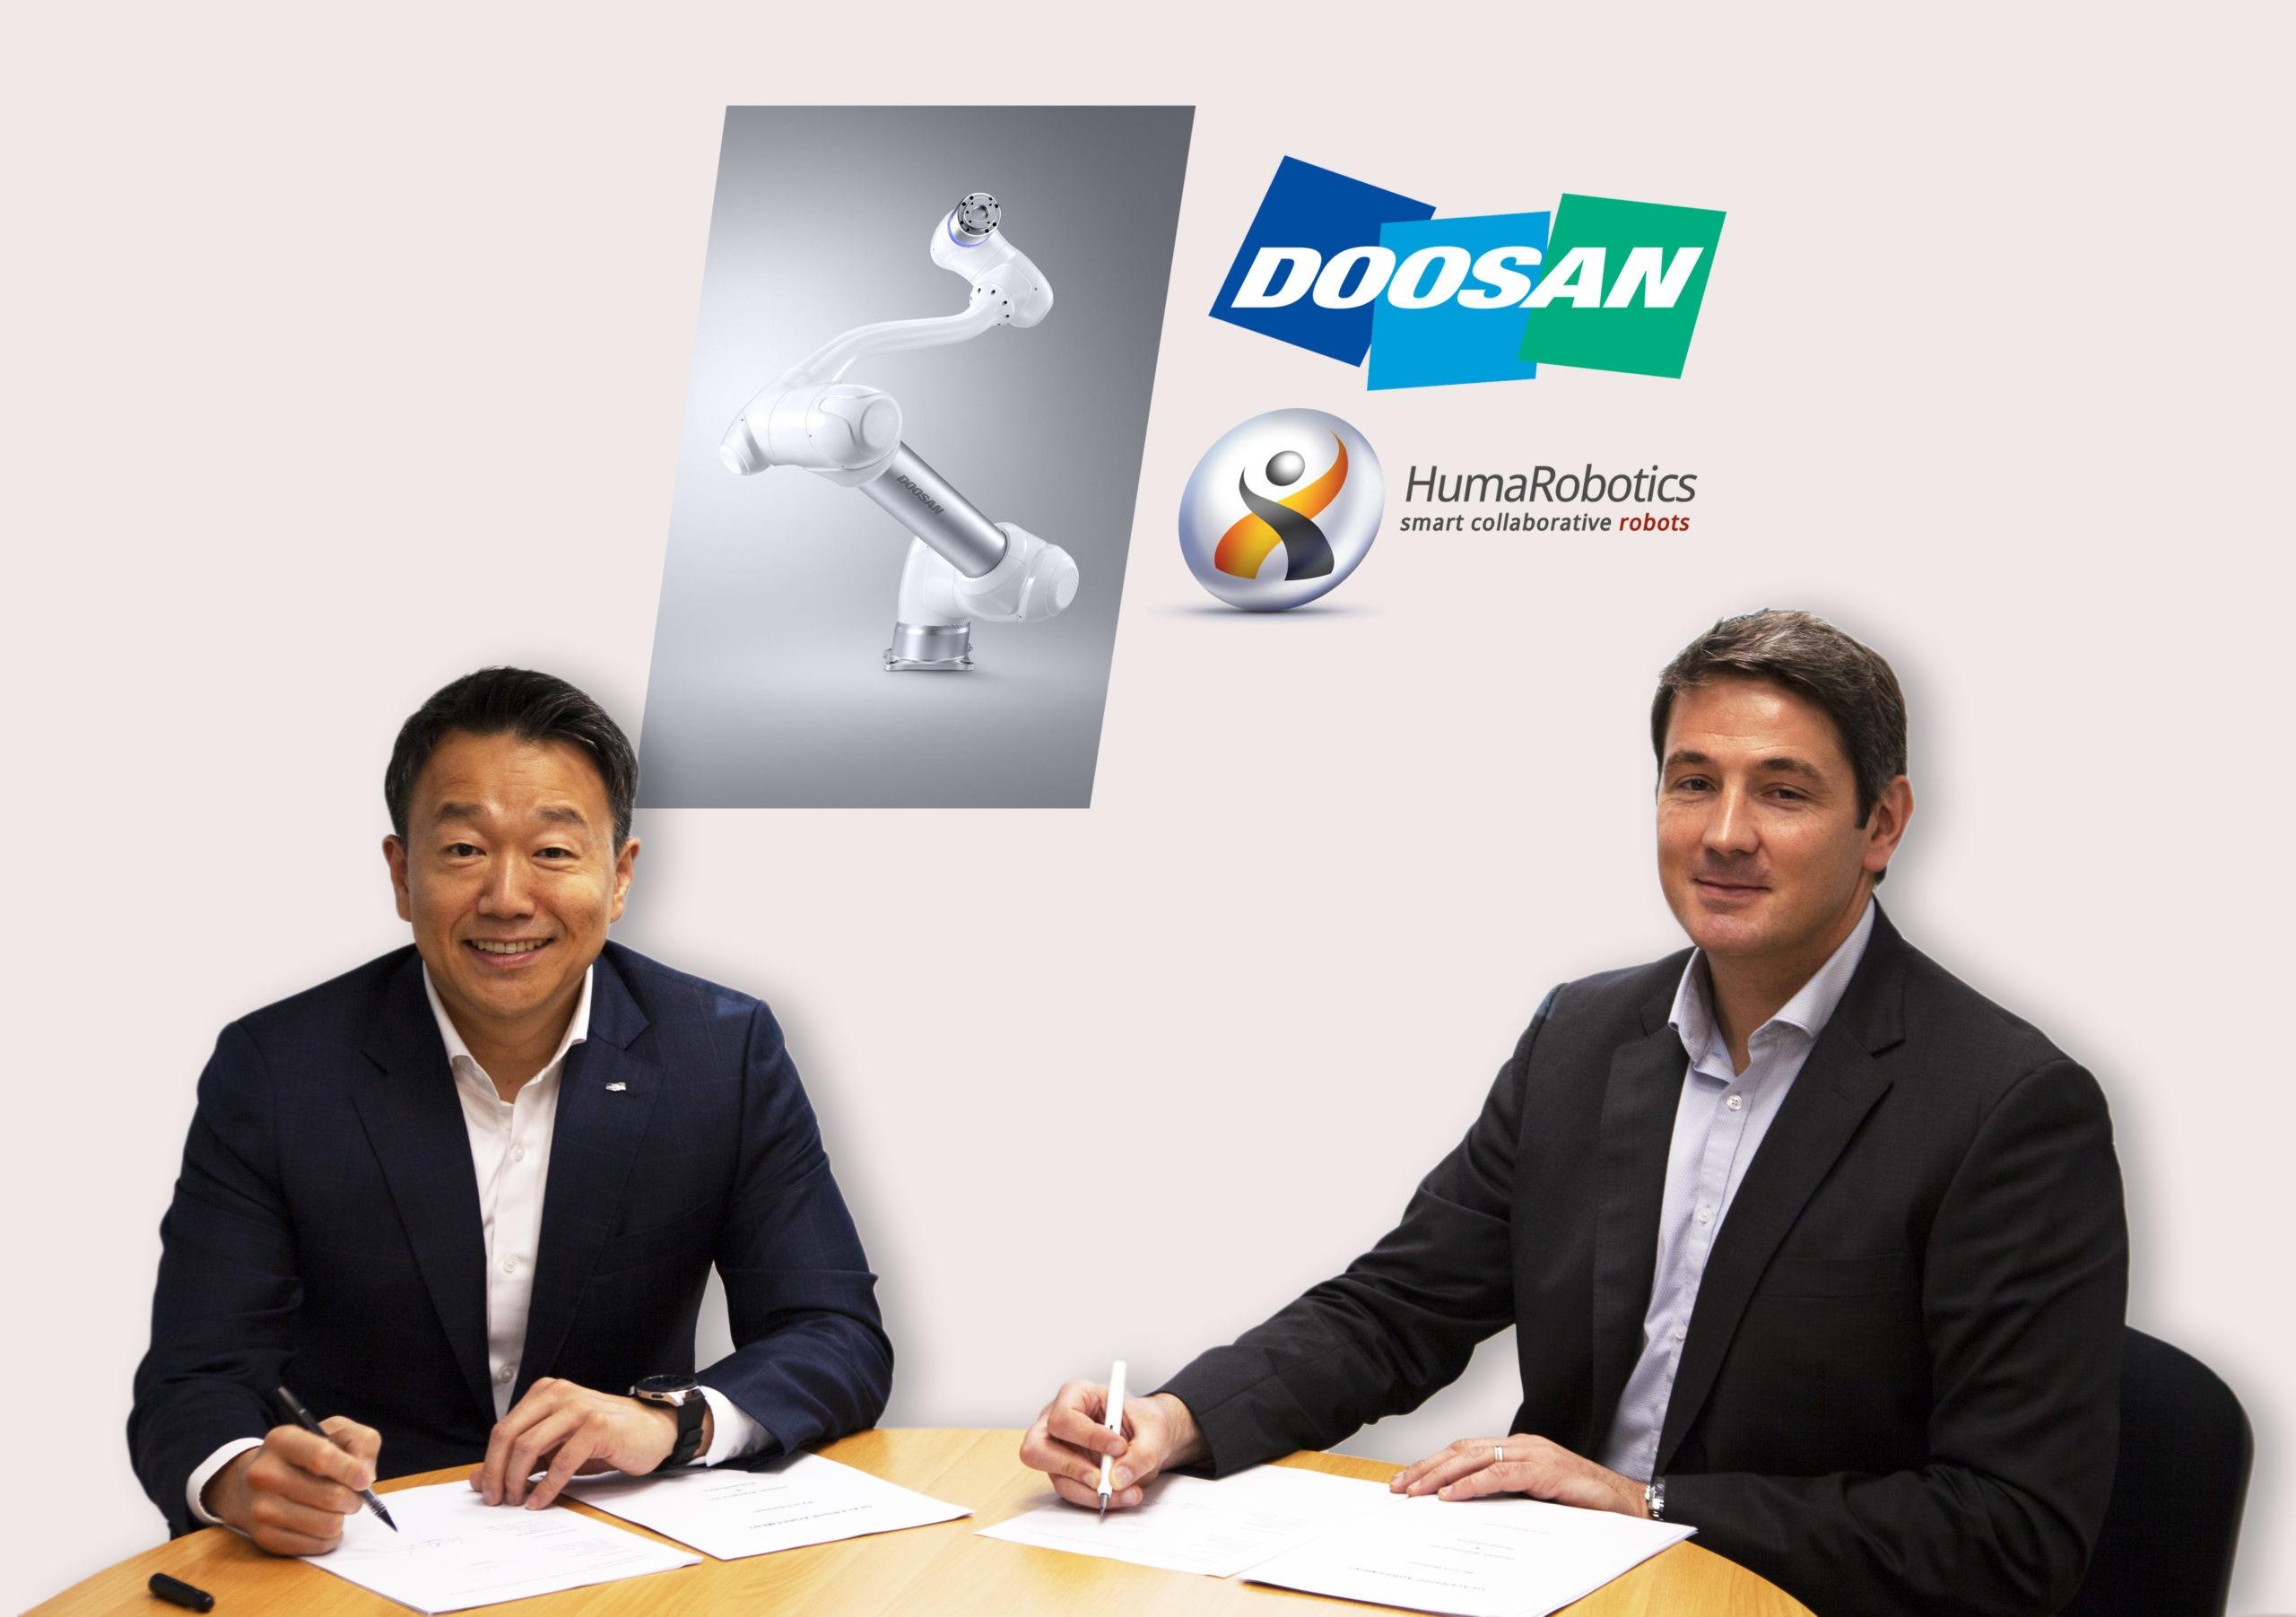 Partenariat HumaRobotics / Doosan Robotics